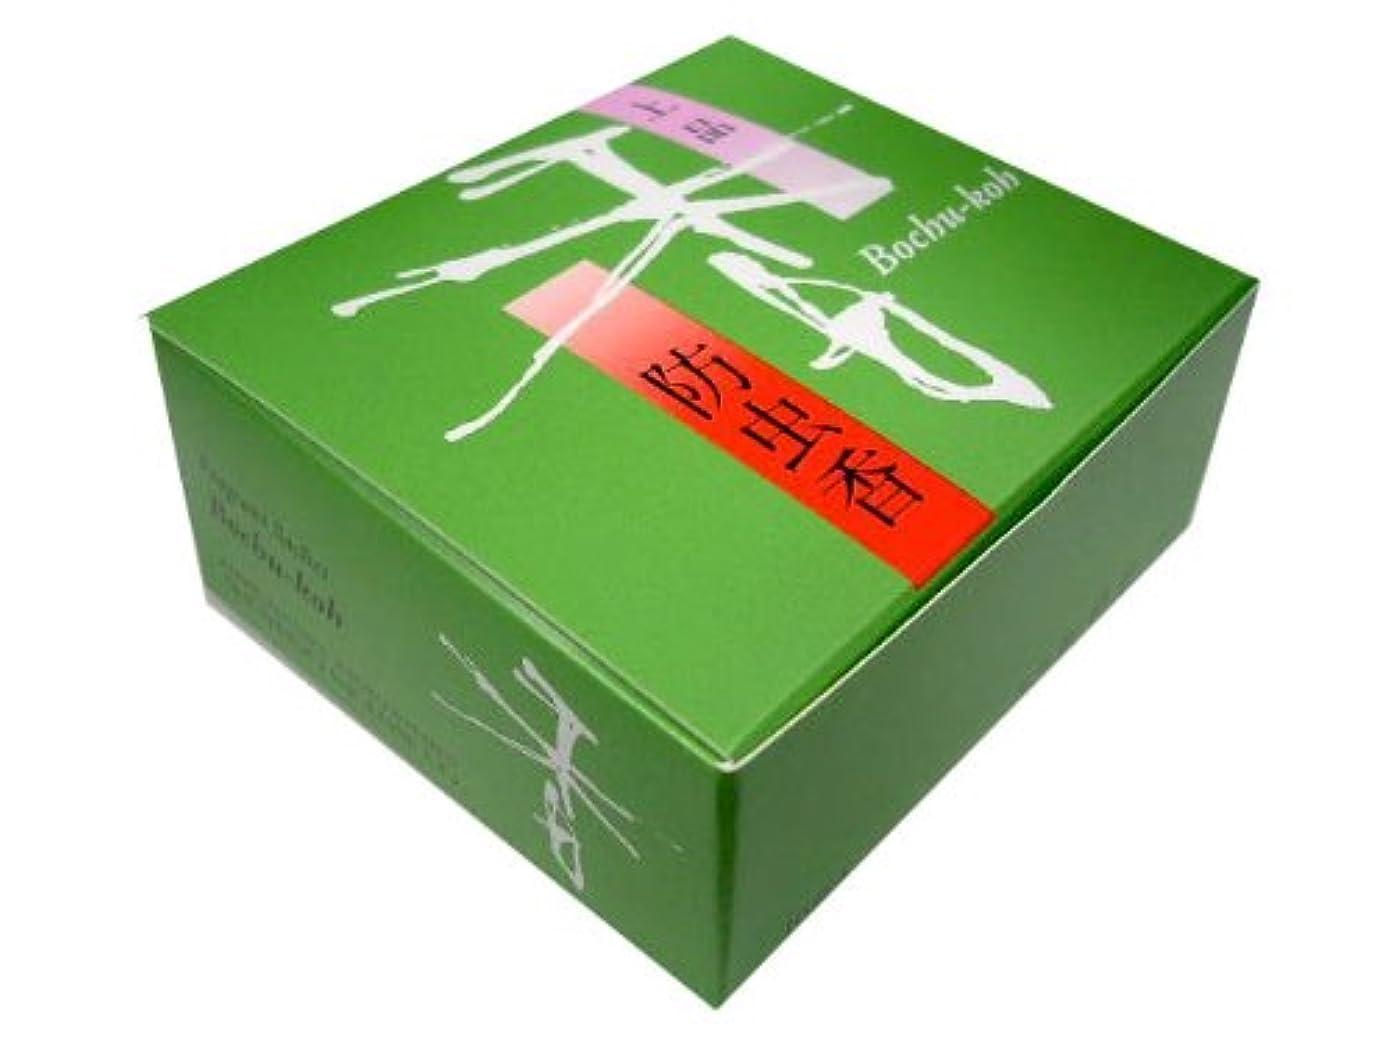 松栄堂の防虫香 上品 防虫香 10袋入 #520138